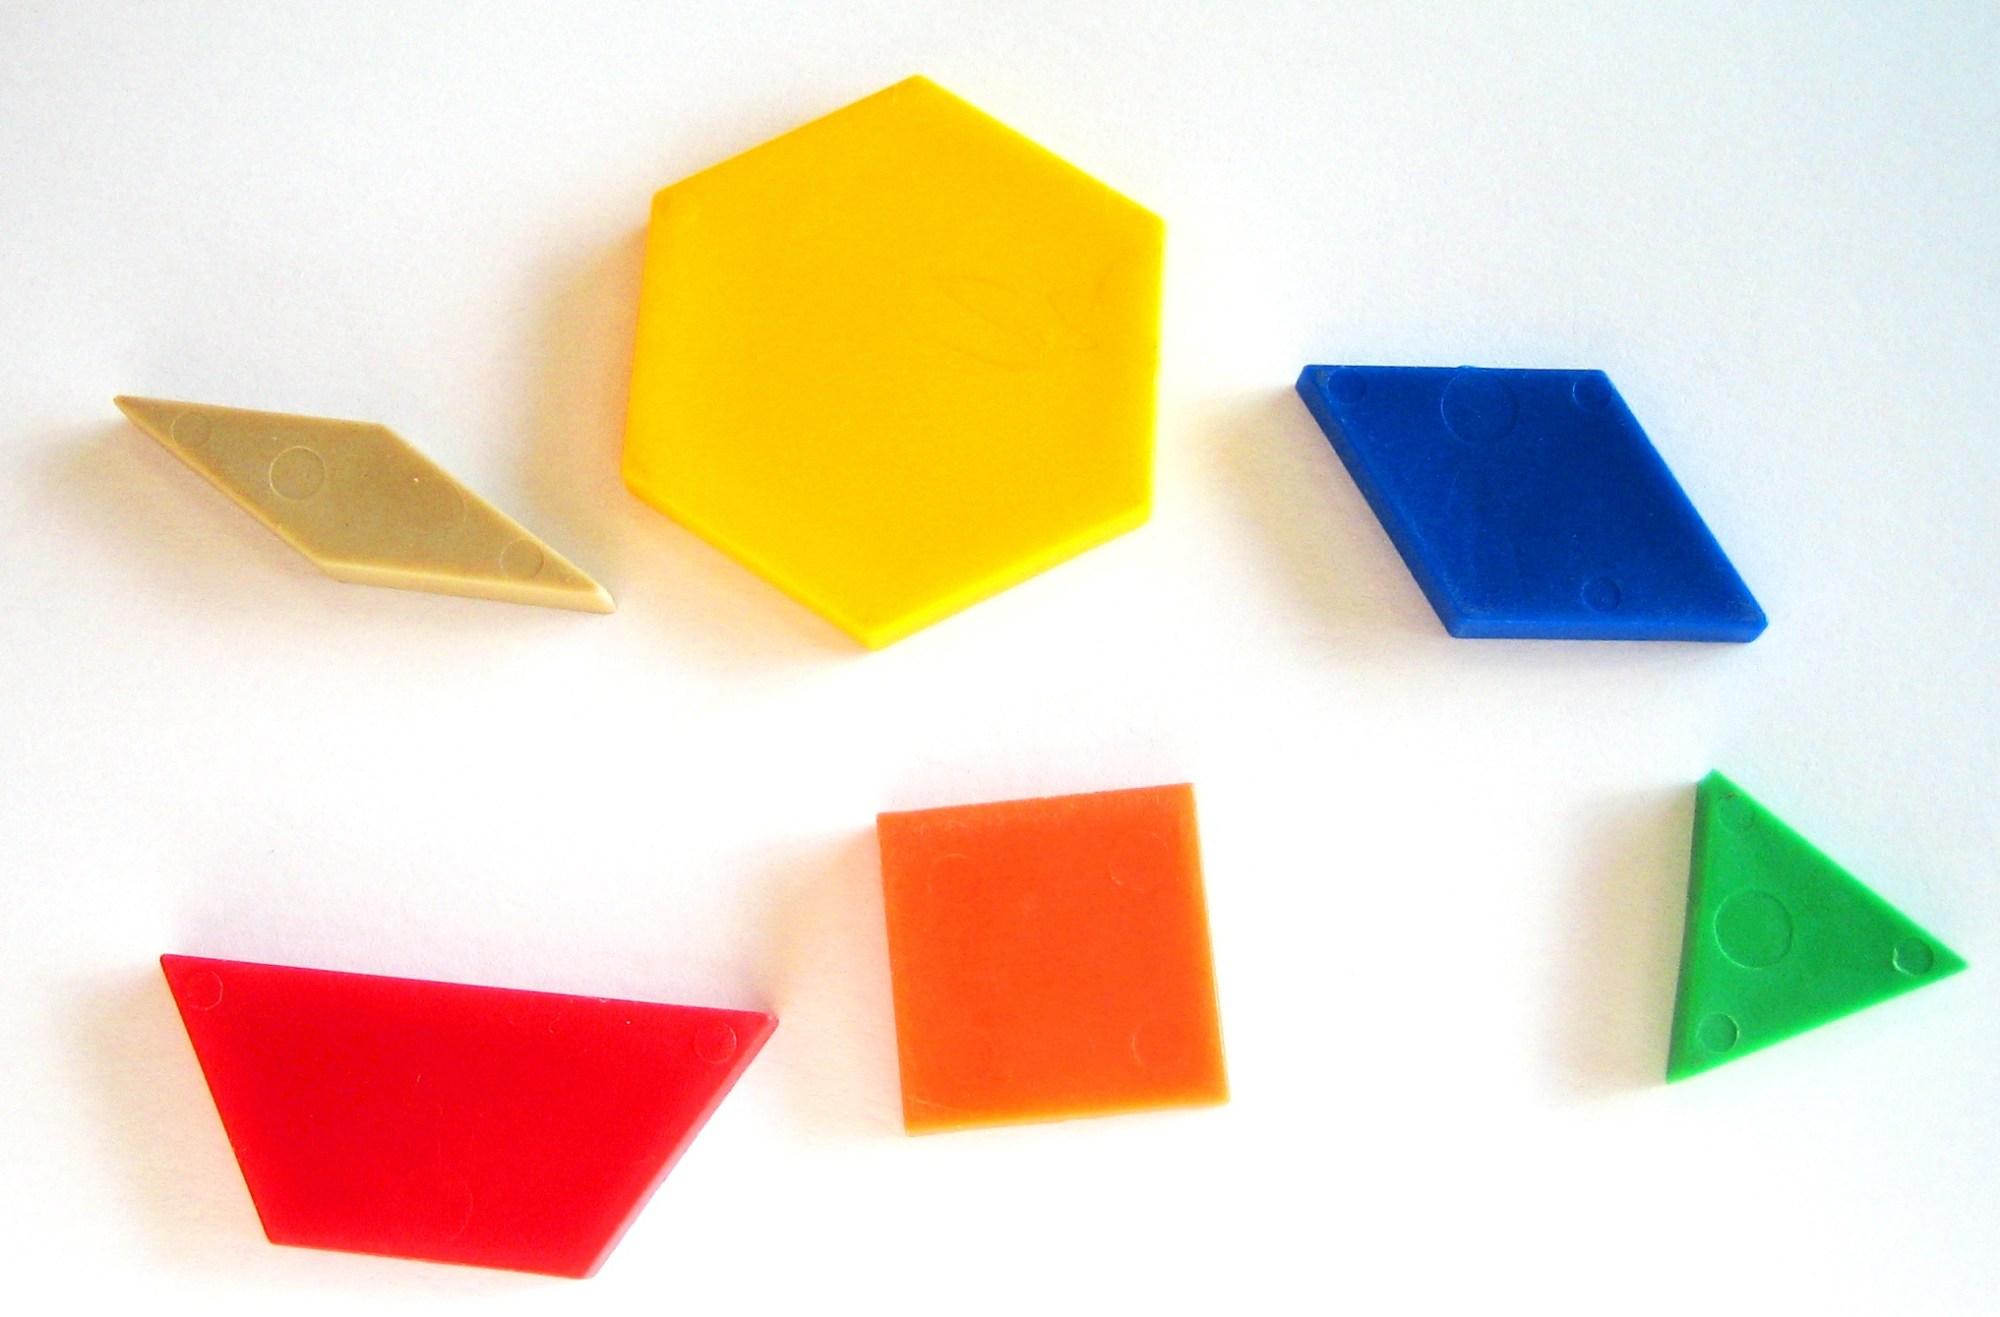 hight resolution of Pattern Blocks - Wikipedia